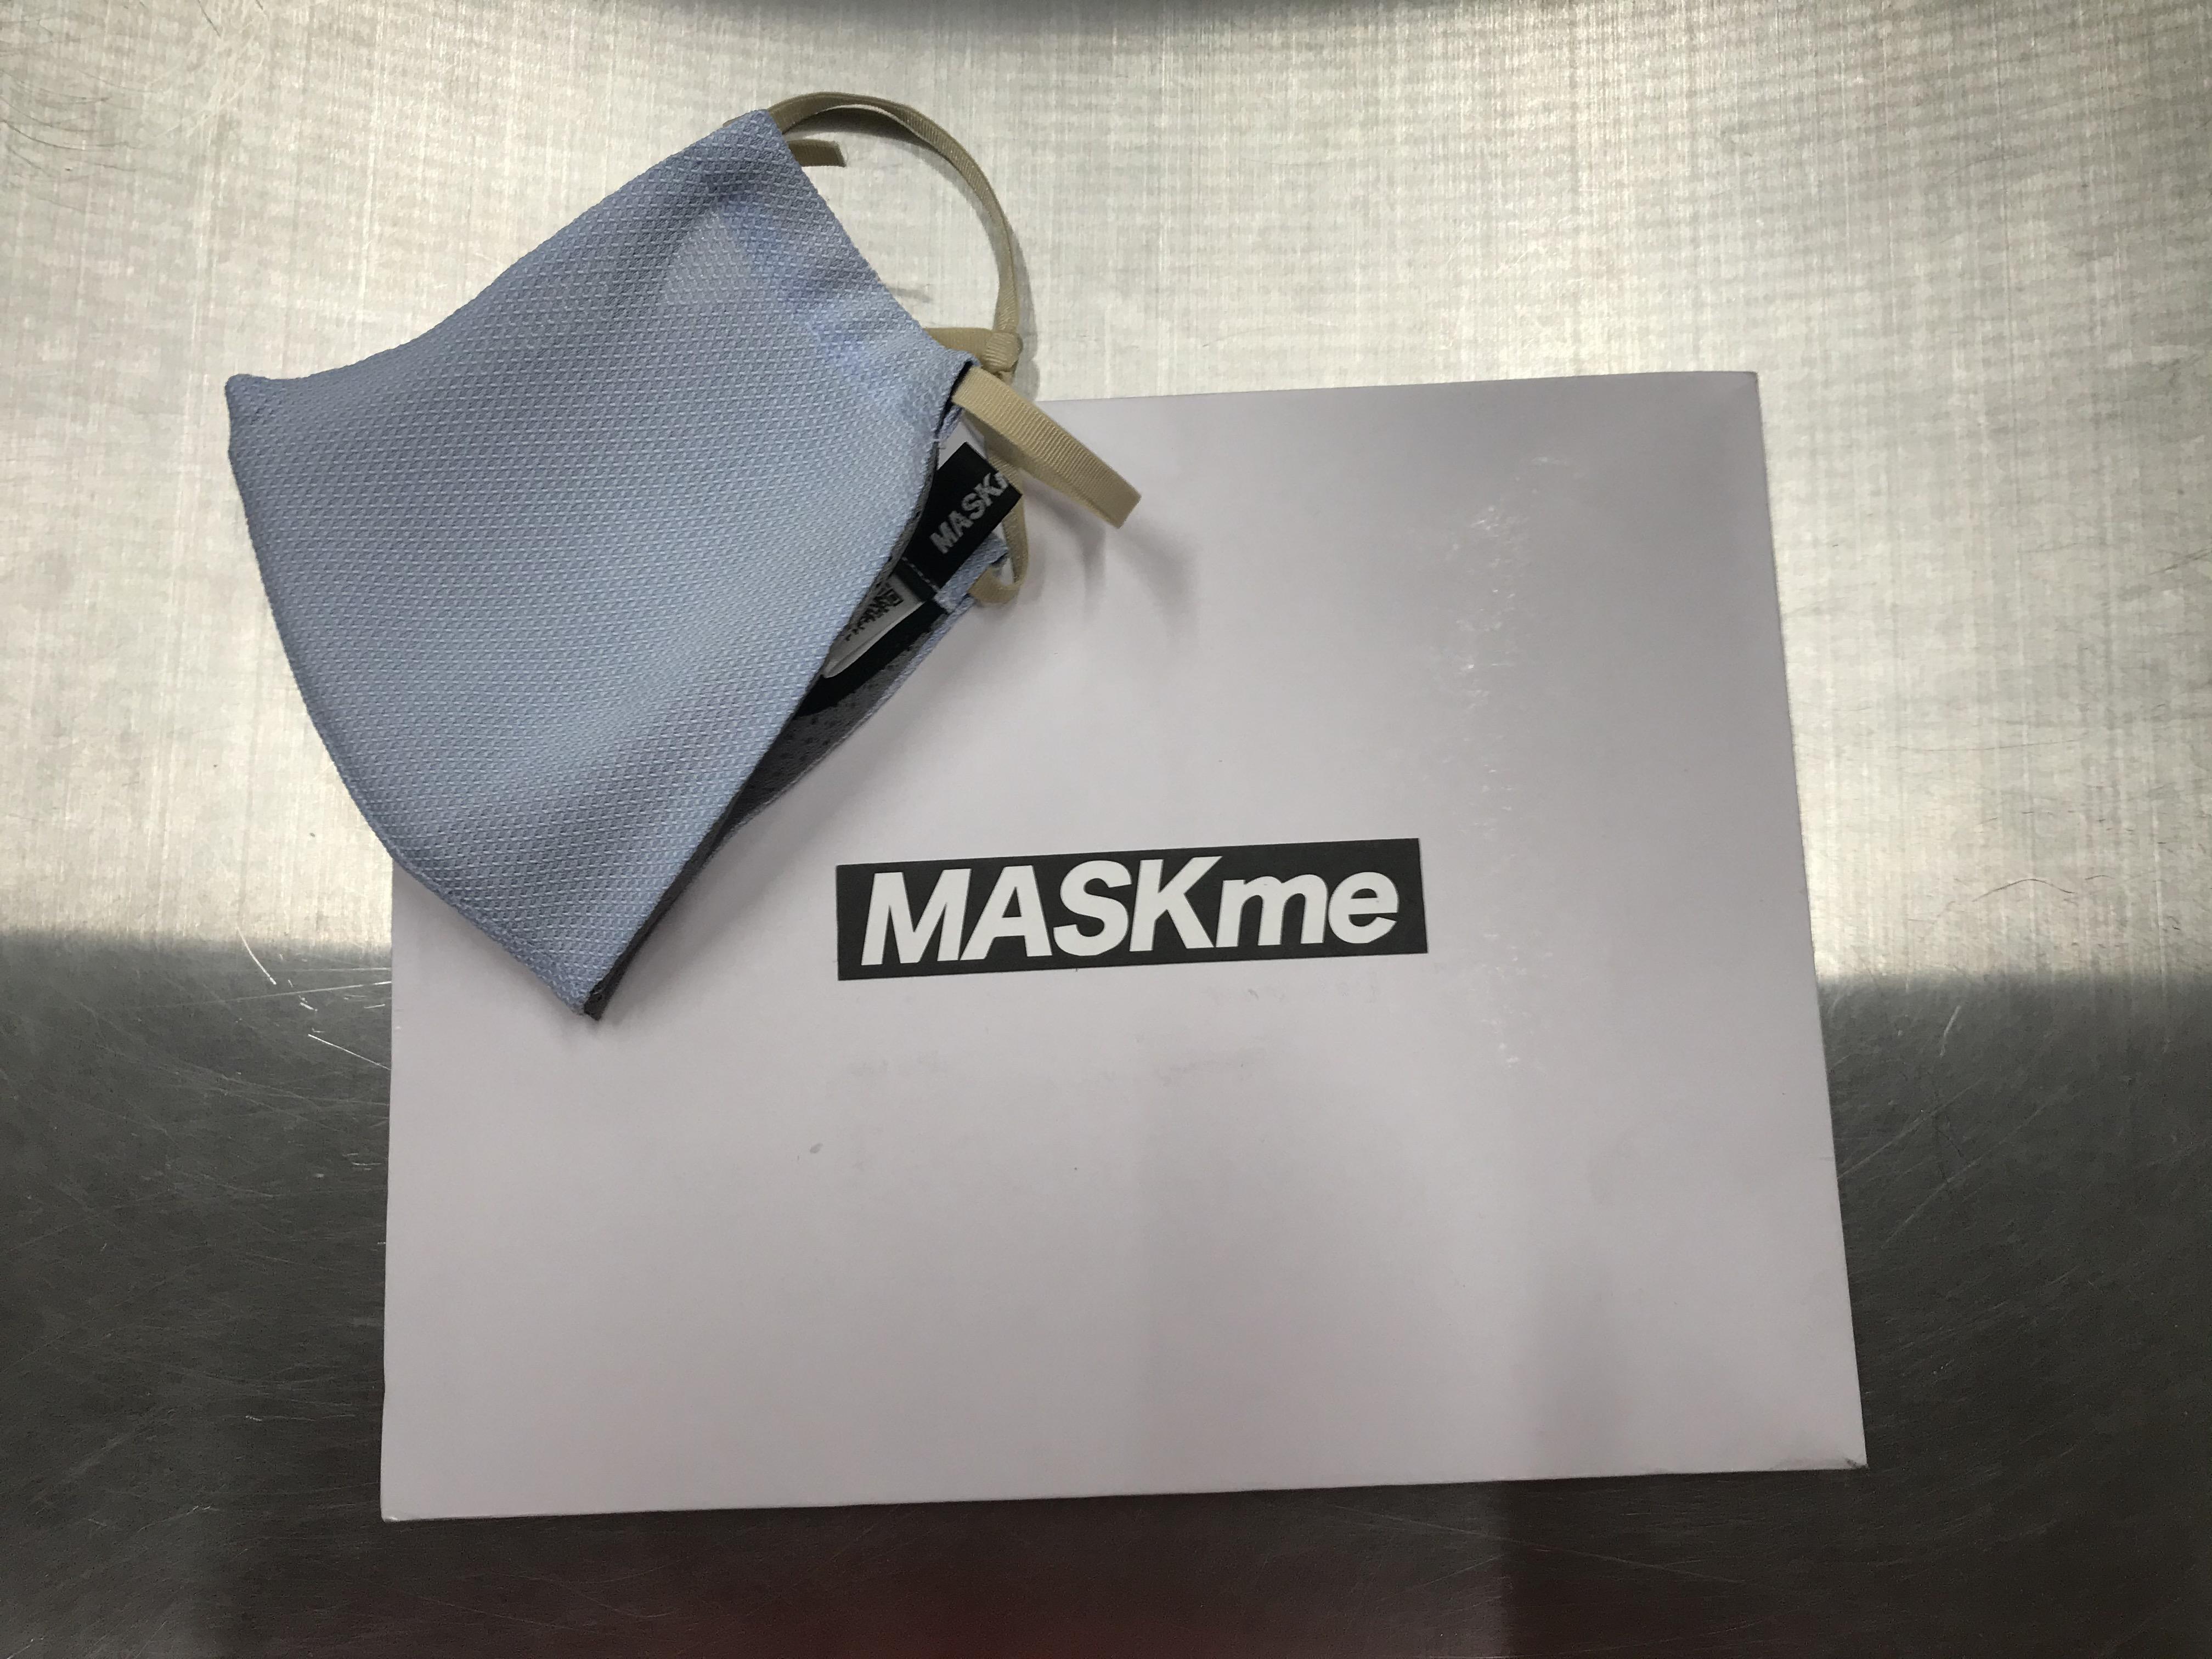 200902 夏用マスク 「MASK me」